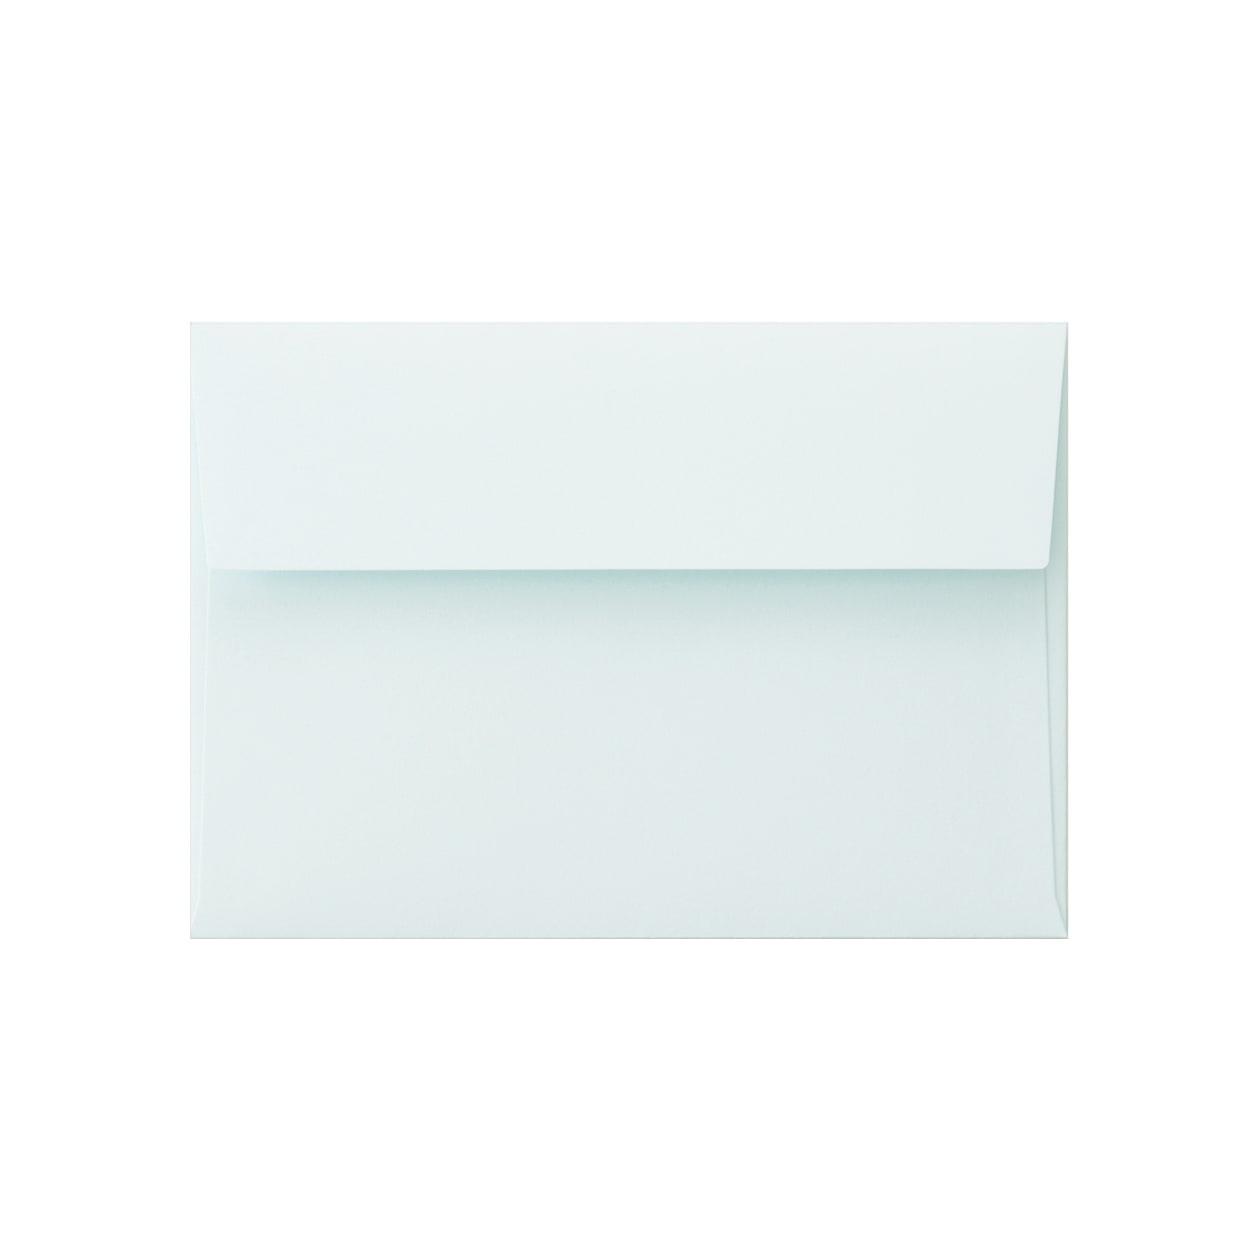 洋2カマス封筒 コットン ブルー 116.3g